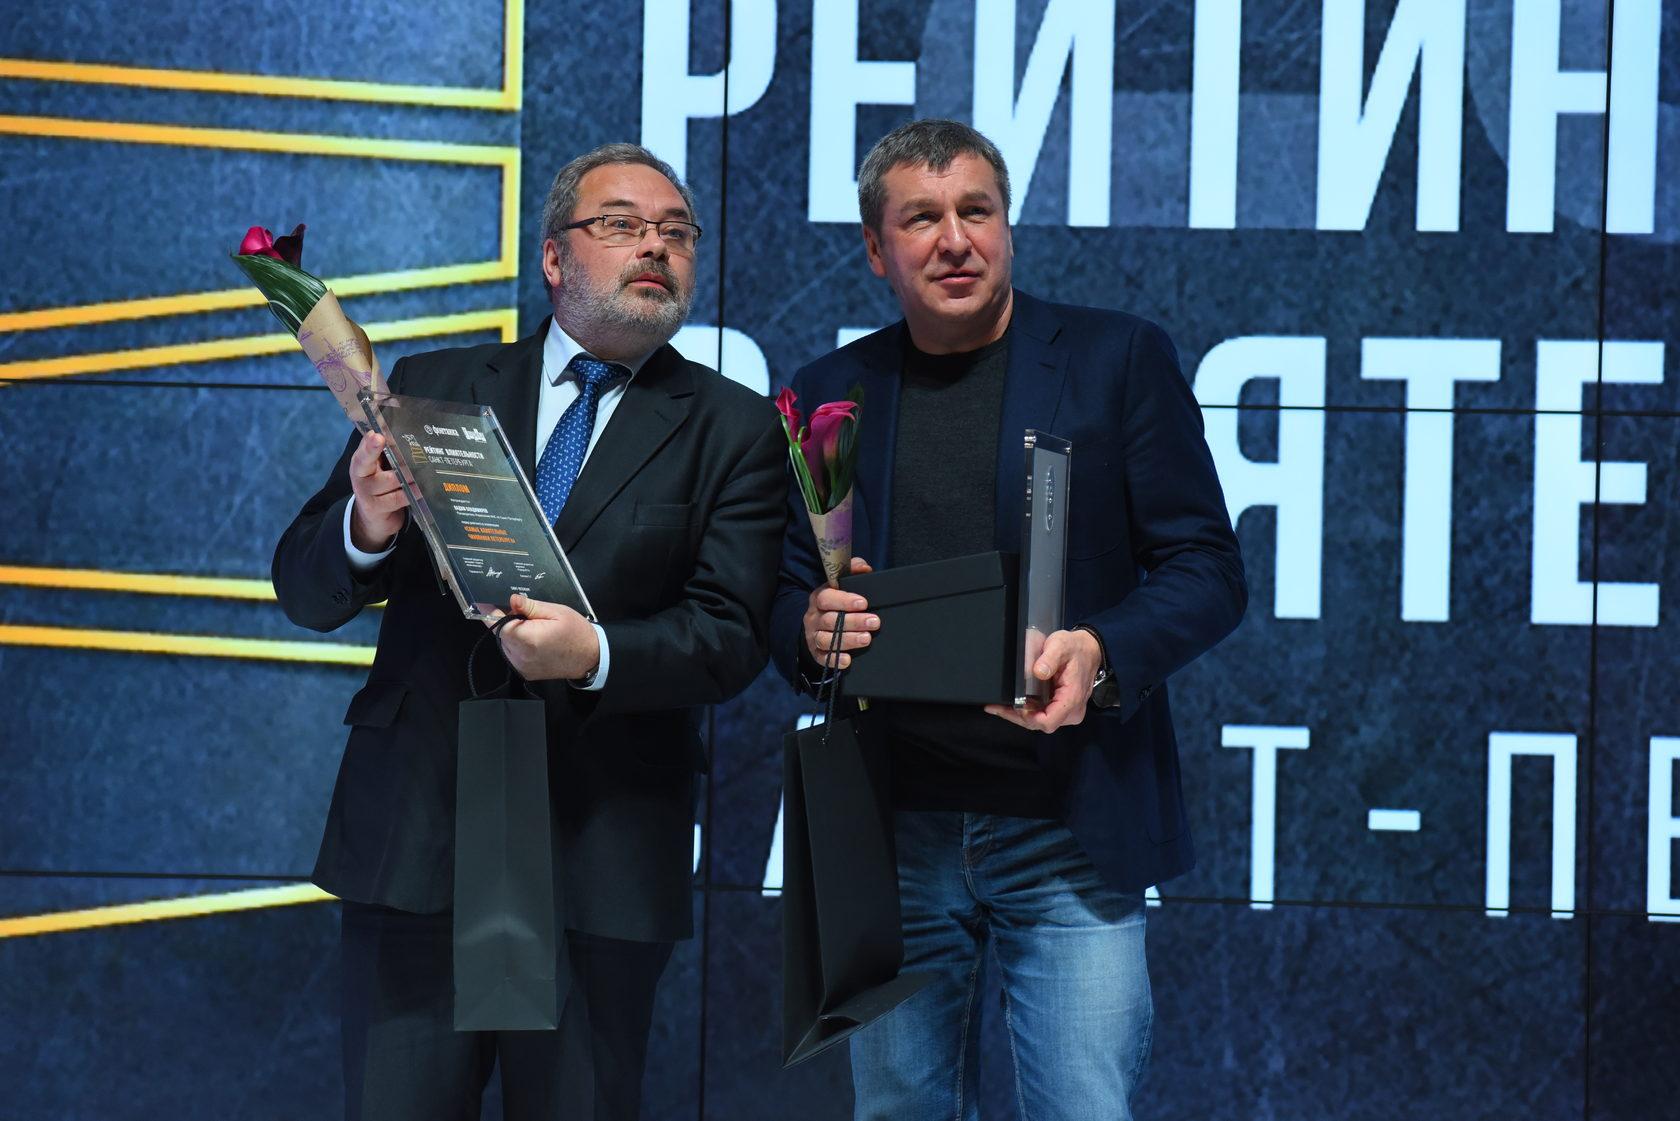 Самым влиятельным из чиновников Петербурга  в 2018 году был признан вице-губернатор Игорь Албин